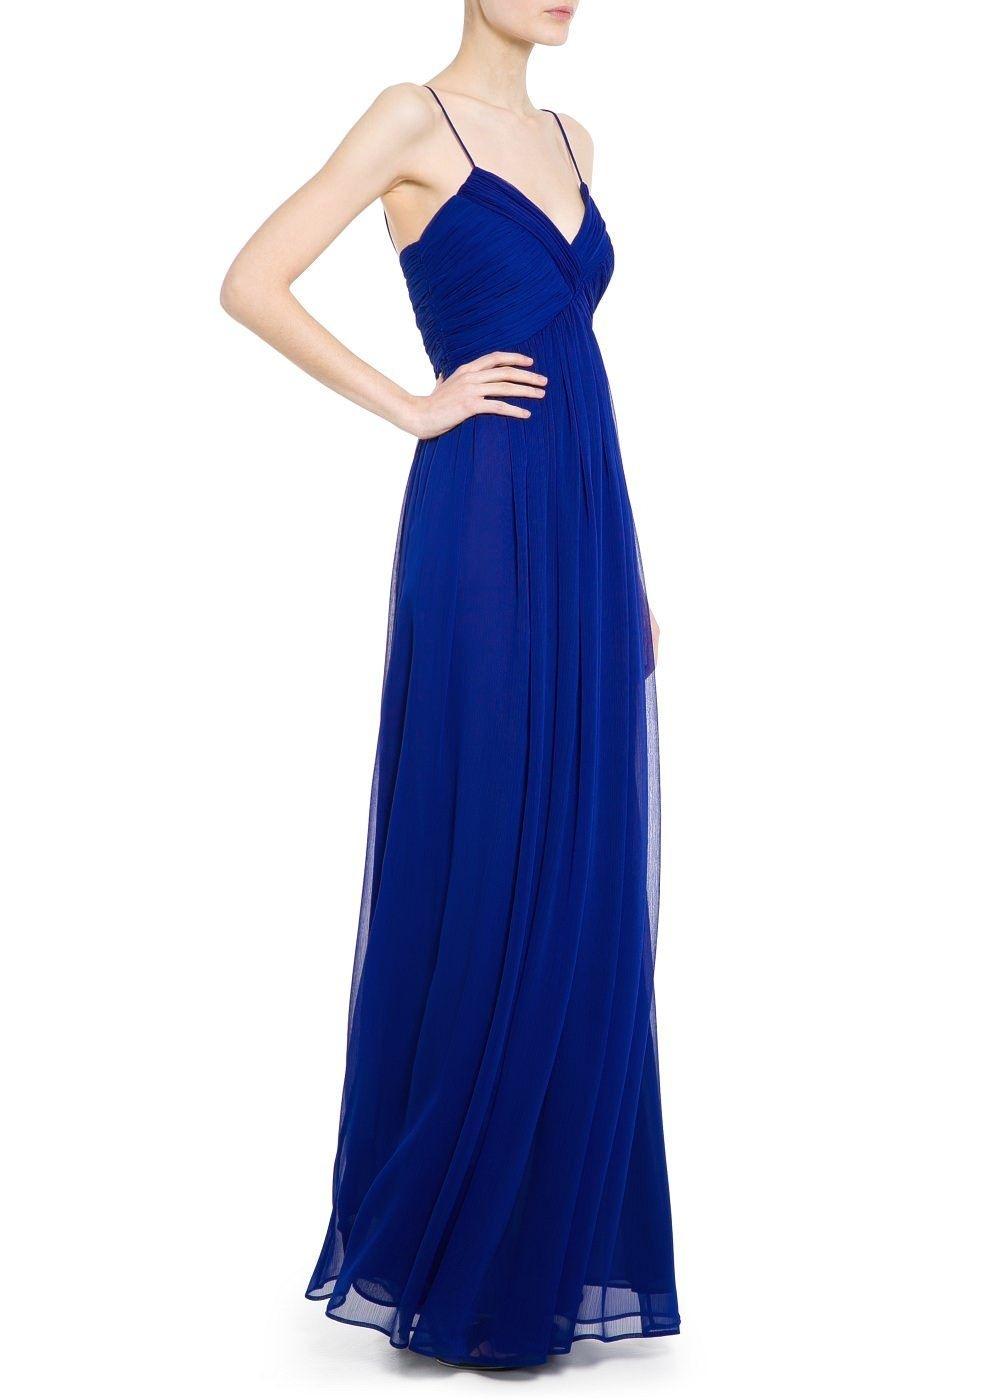 13 Großartig Blaues Langes Kleid VertriebFormal Schön Blaues Langes Kleid Bester Preis